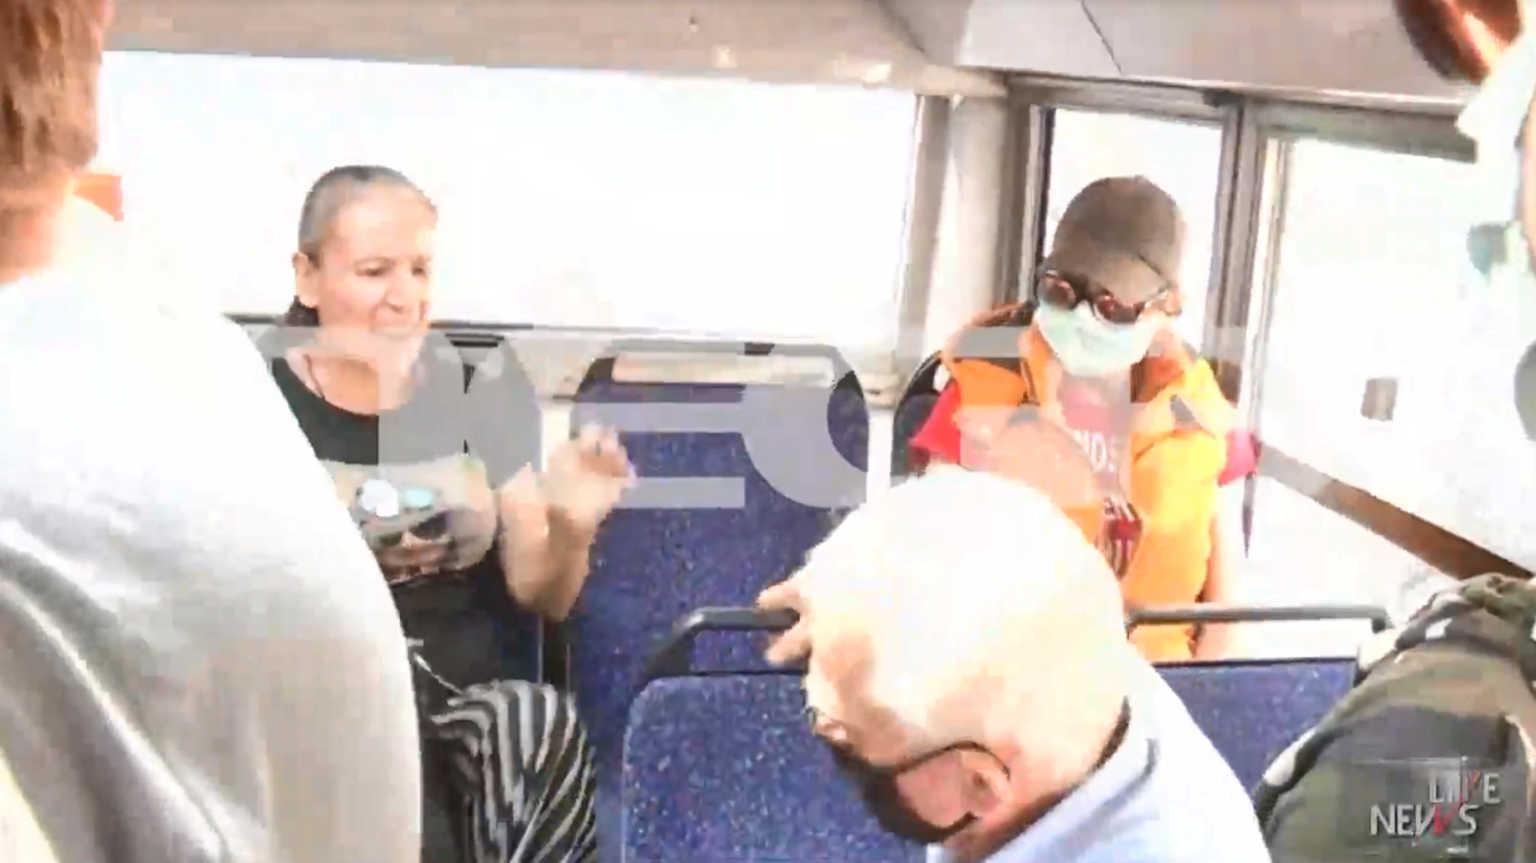 Μέρες άγριες! Στα χέρια ηλικιωμένος και γυναίκα στο λεωφορείο για μη χρήση μάσκας